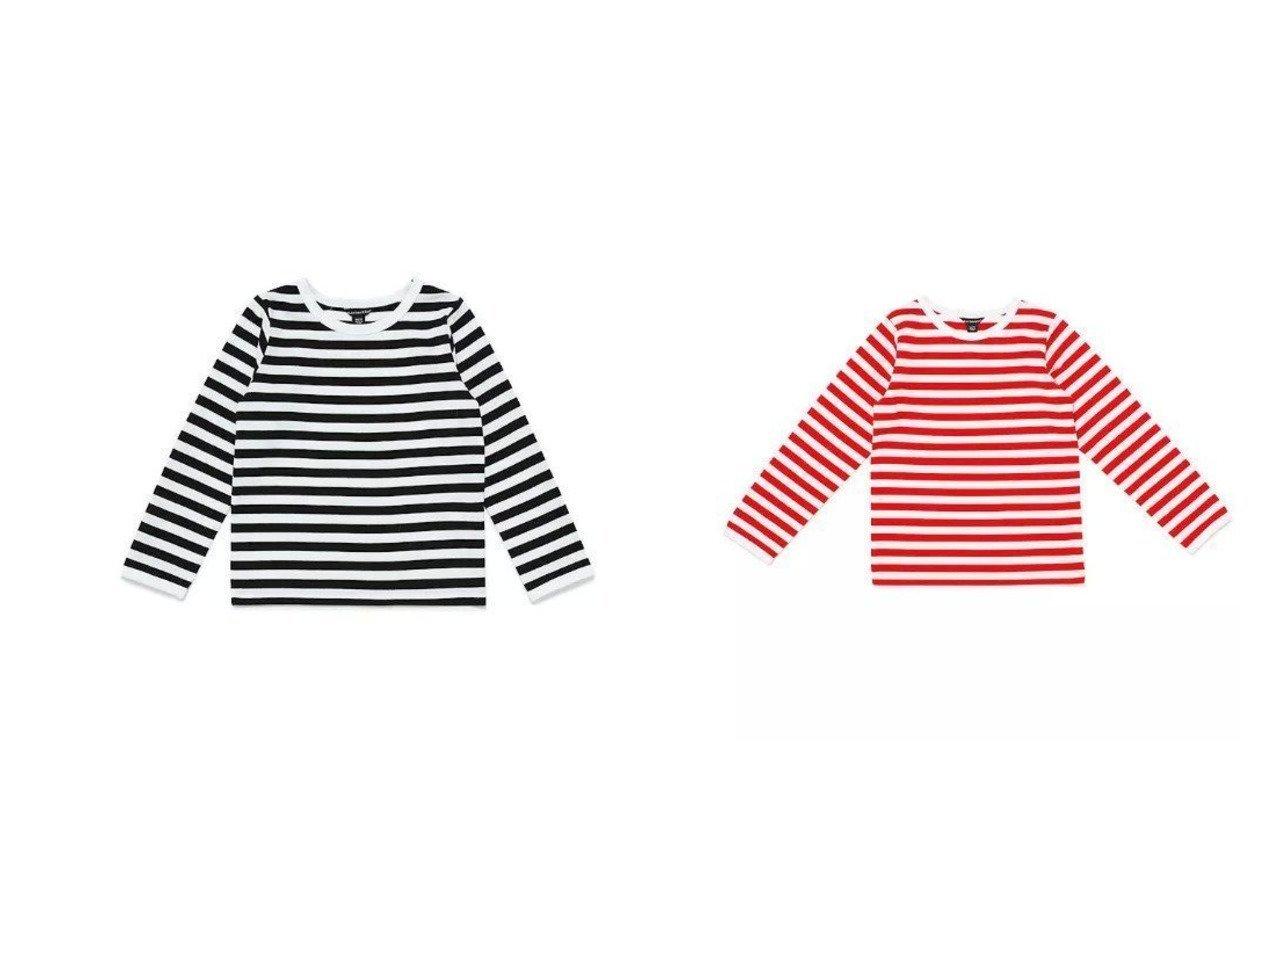 【marimekko / KIDS/マリメッコ】のKids Tasaraita カットソー L.PITKAHIHA&Kids Tasaraita カットソー おすすめ!人気、トレンド・レディースファッションの通販 おすすめで人気の流行・トレンド、ファッションの通販商品 インテリア・家具・メンズファッション・キッズファッション・レディースファッション・服の通販 founy(ファニー) https://founy.com/ ファッション Fashion キッズファッション KIDS トップス・カットソー Tops/Tees/Kids カットソー ベーシック ボーダー ワンポイント インナー シンプル パターン 人気 定番 Standard 長袖 |ID:crp329100000042377